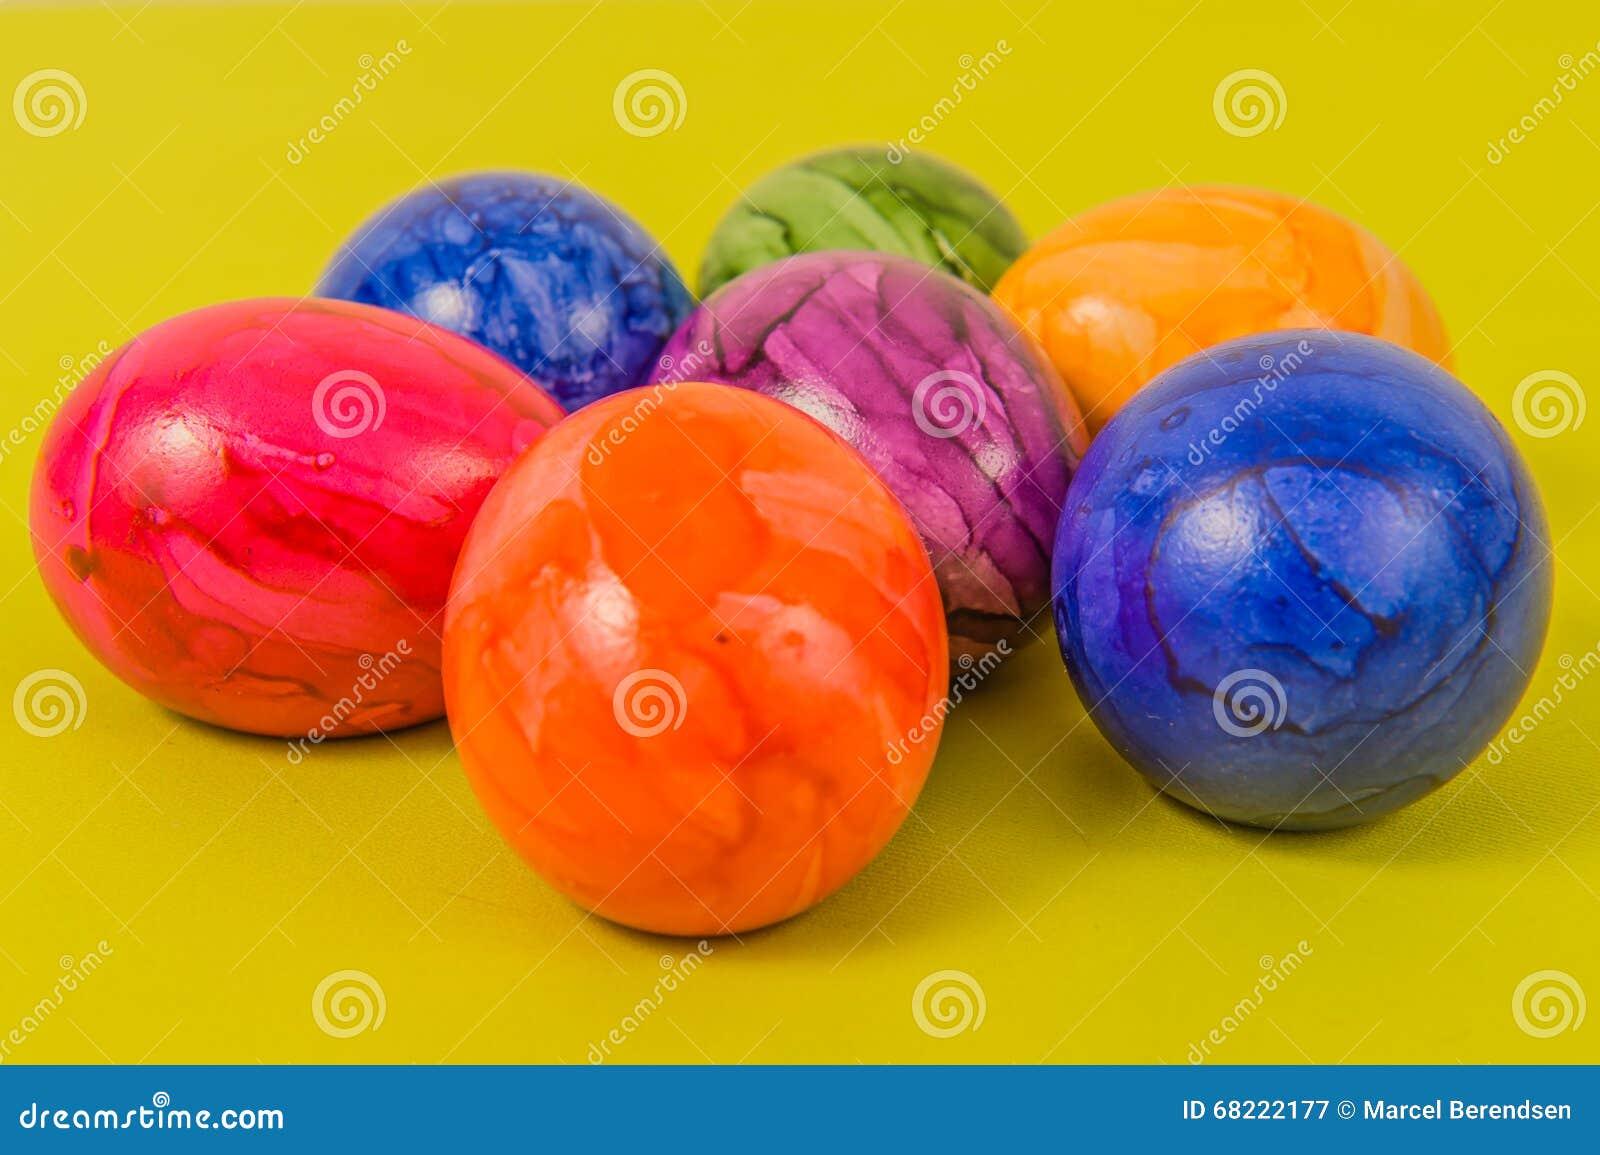 Seasonal - Easter - Coloured Eggs